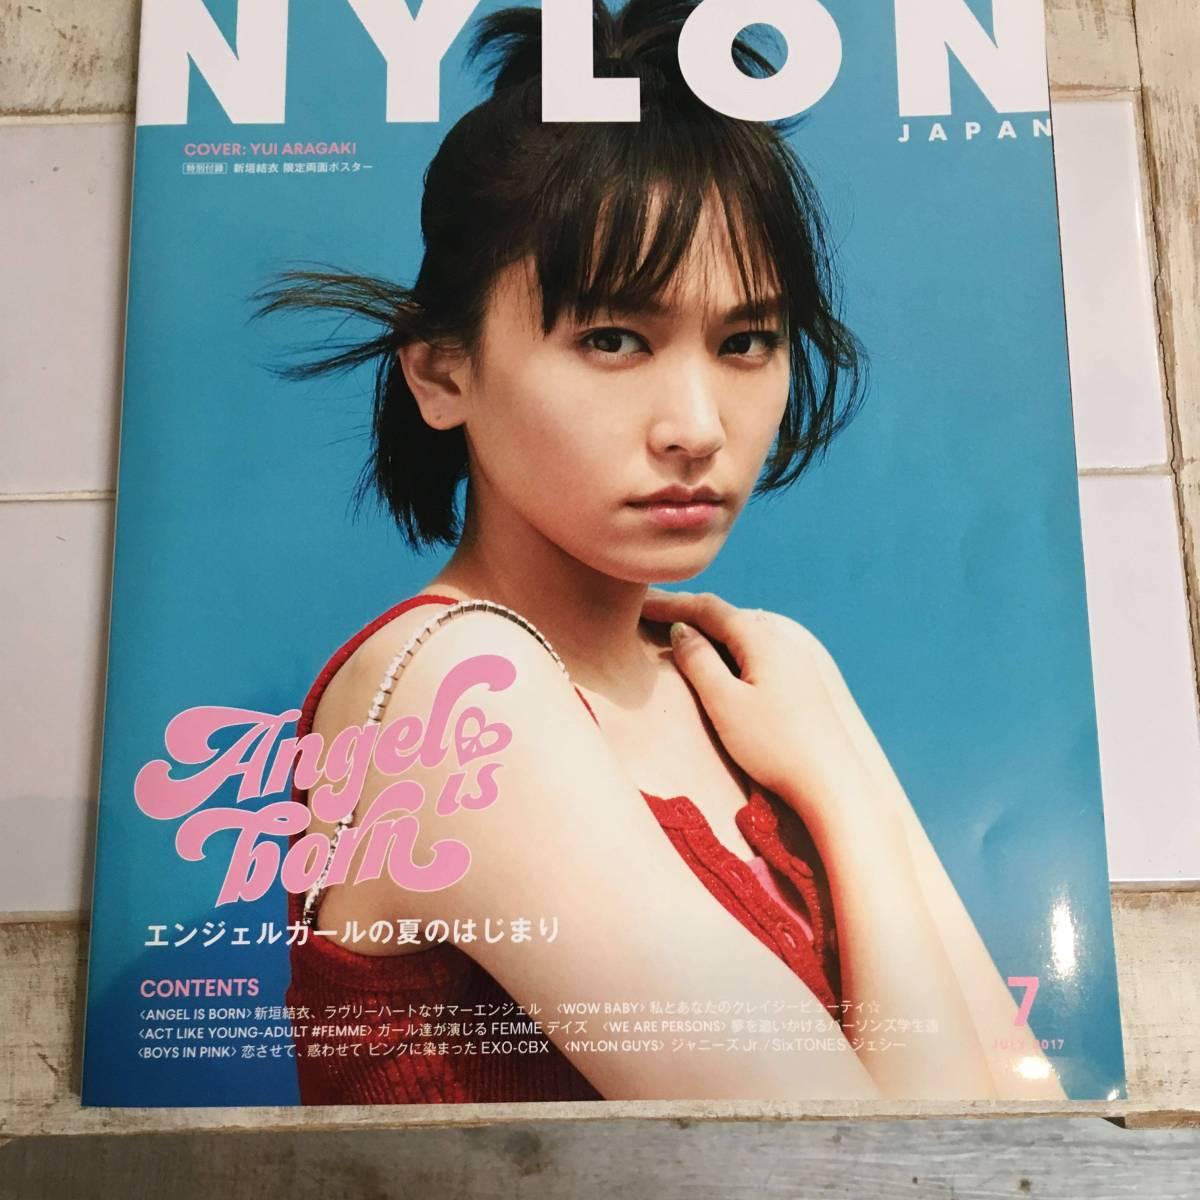 【NYLON JAPAN(ナイロン ジャパン) 2017年7月号】新垣結衣 A2ポスター付 グッズの画像